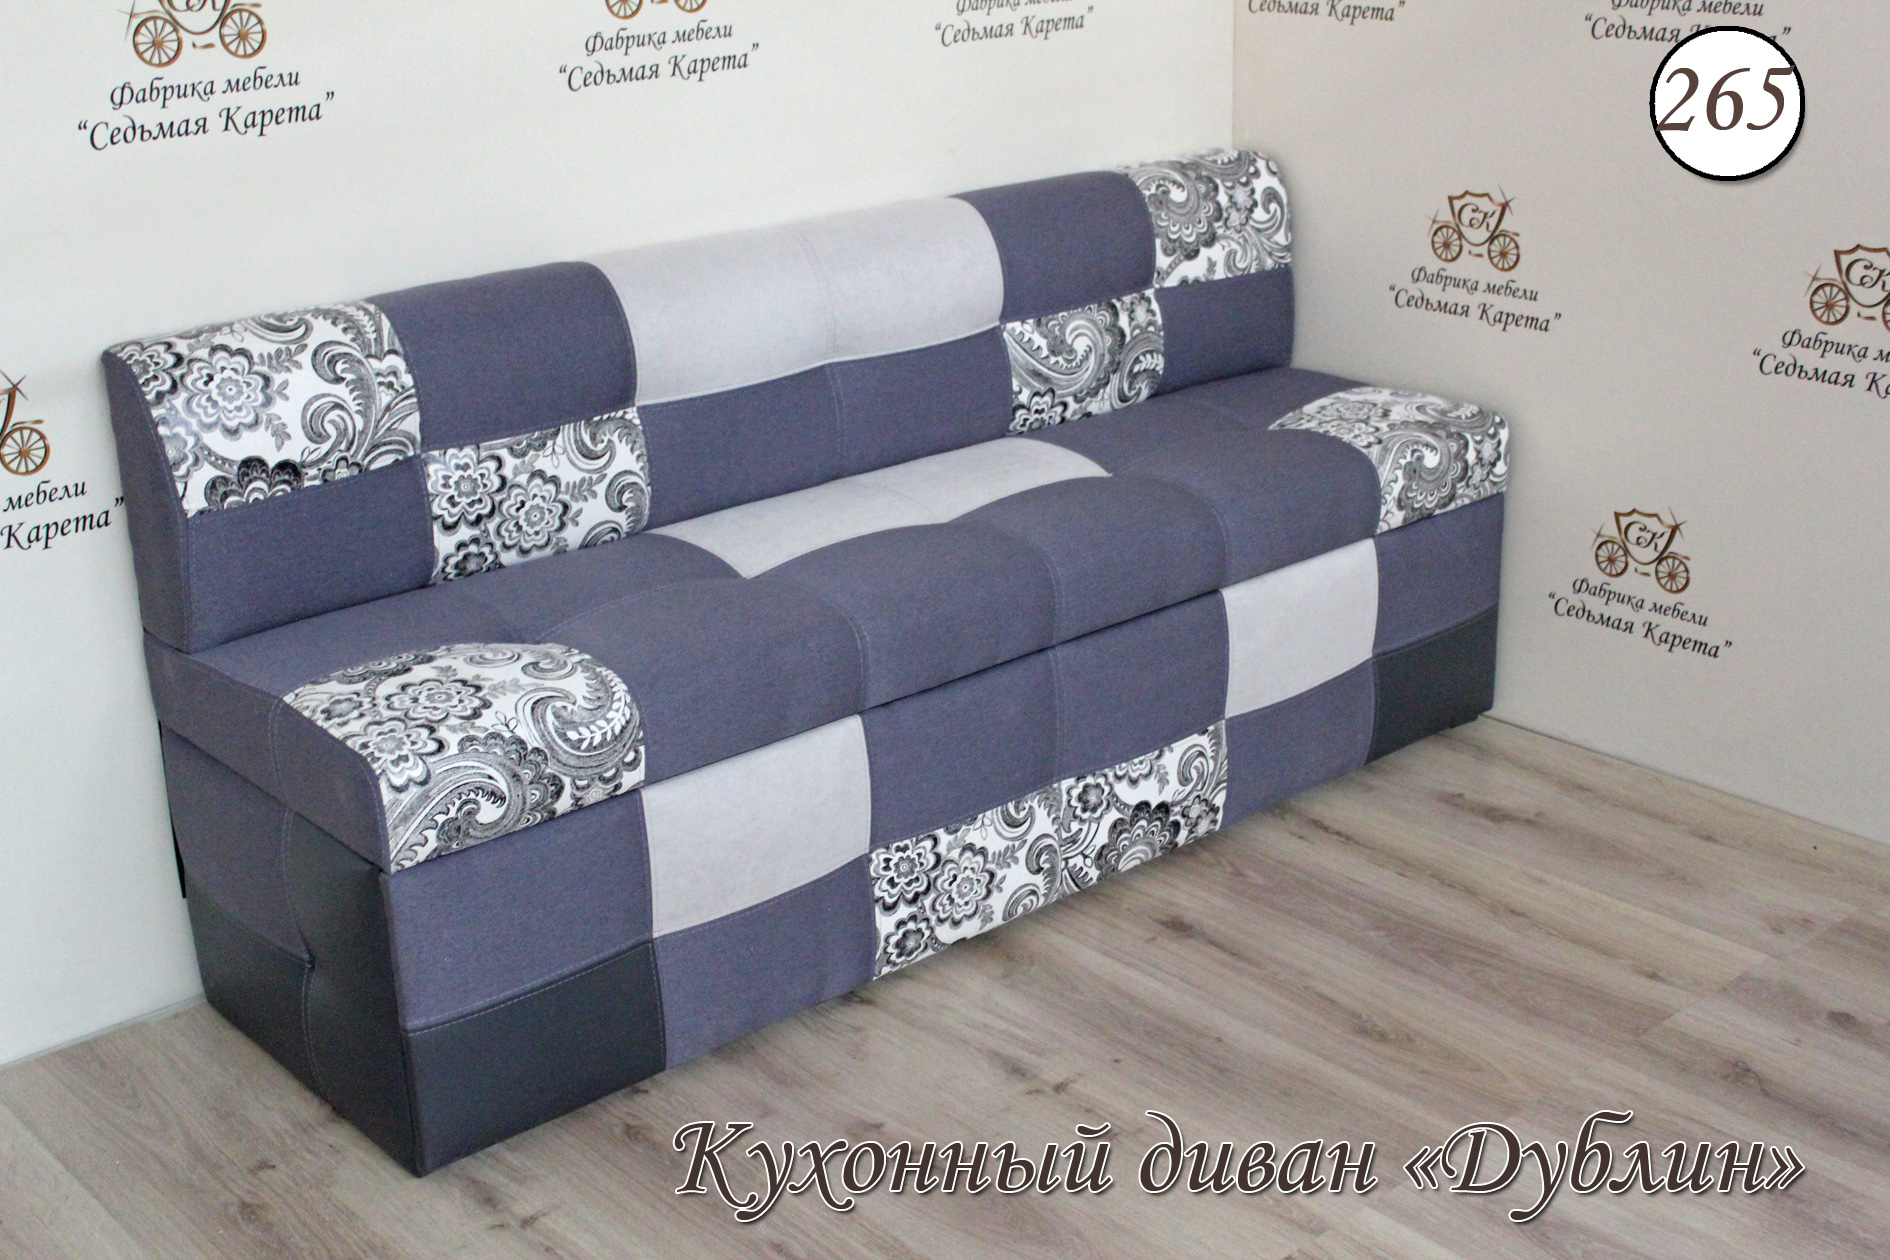 Кухонный диван Дублин-265